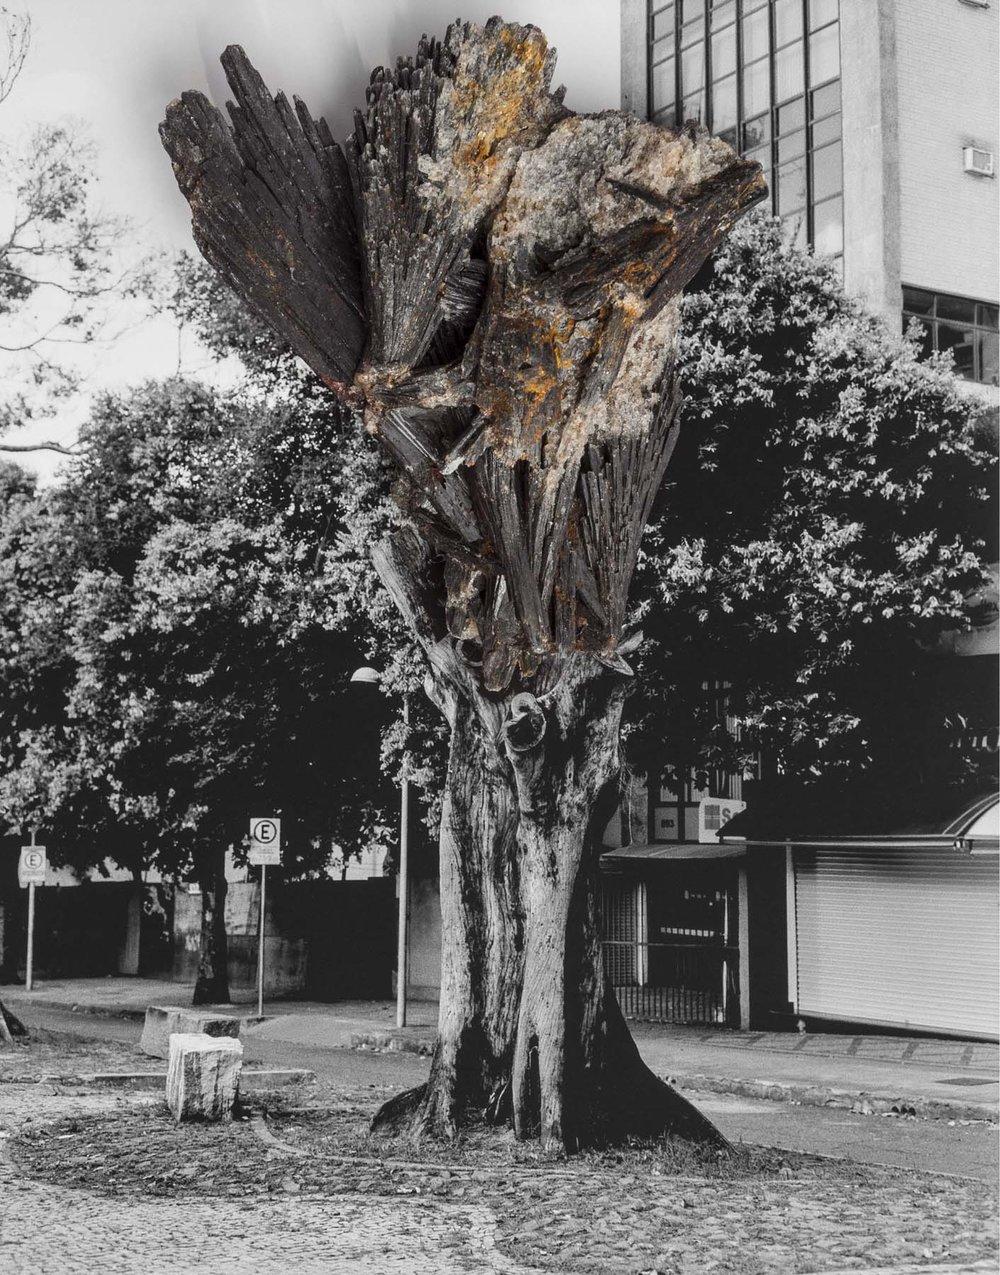 Laura Belém, série Reconstrução, fotografia, 2017